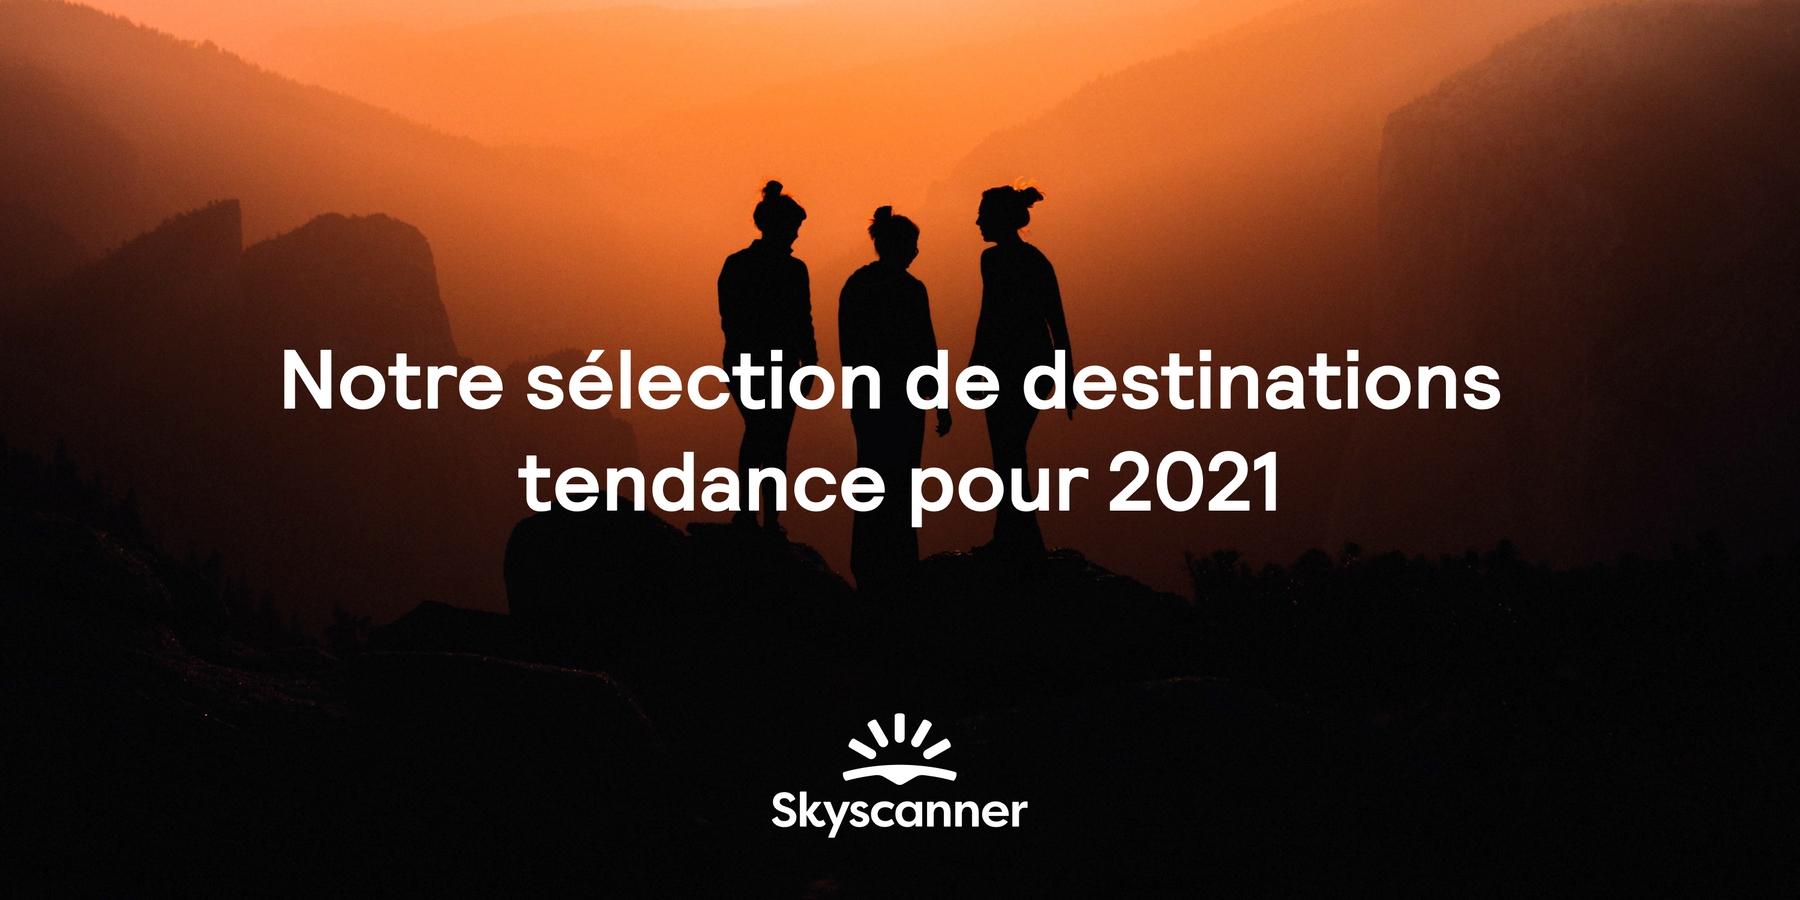 Notre sélection de destinations tendance pour 2021